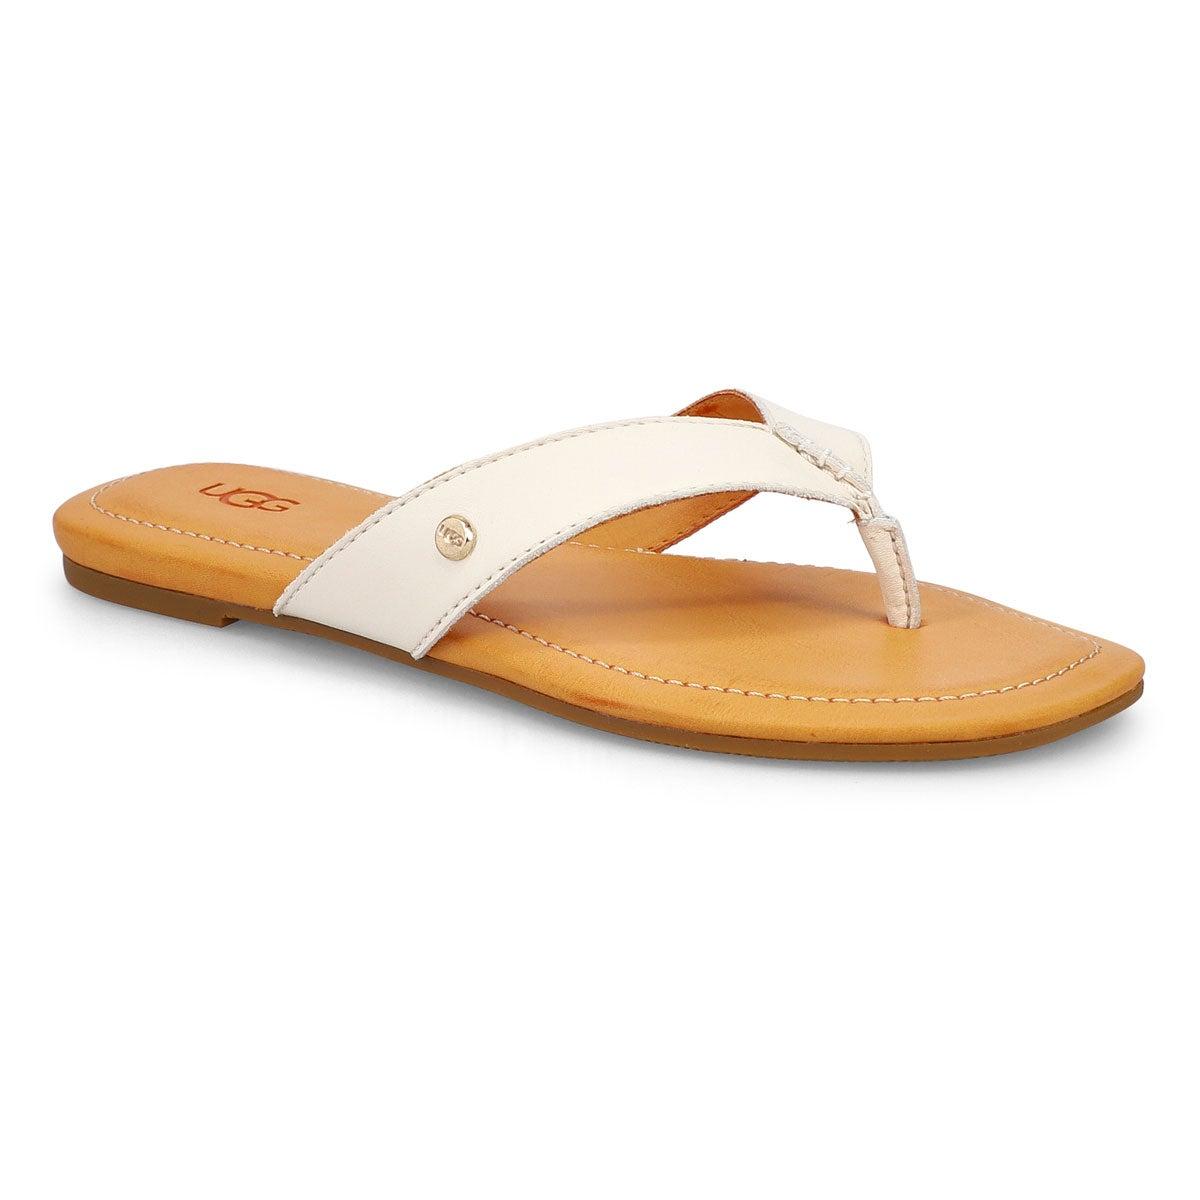 Women's Tuolumne Thong Sandal - Jasmine